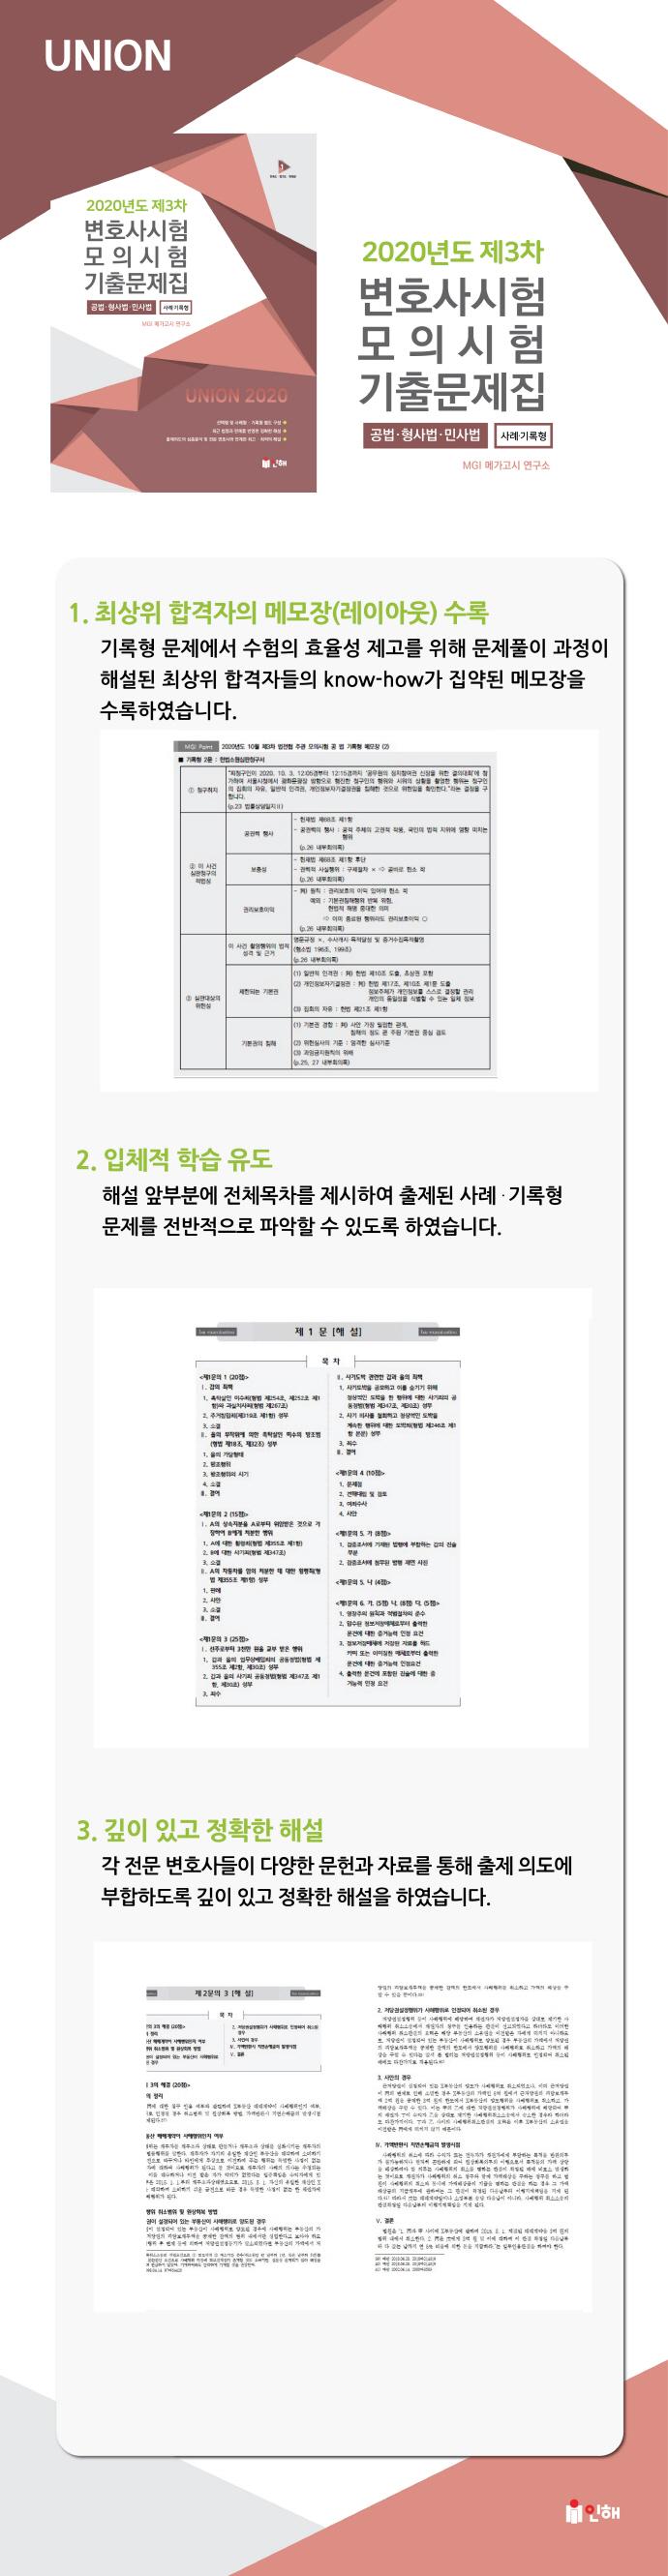 제3차 변호사시험 모의시험 기출문제집(사례기록형)(2020)(Union) 도서 상세이미지